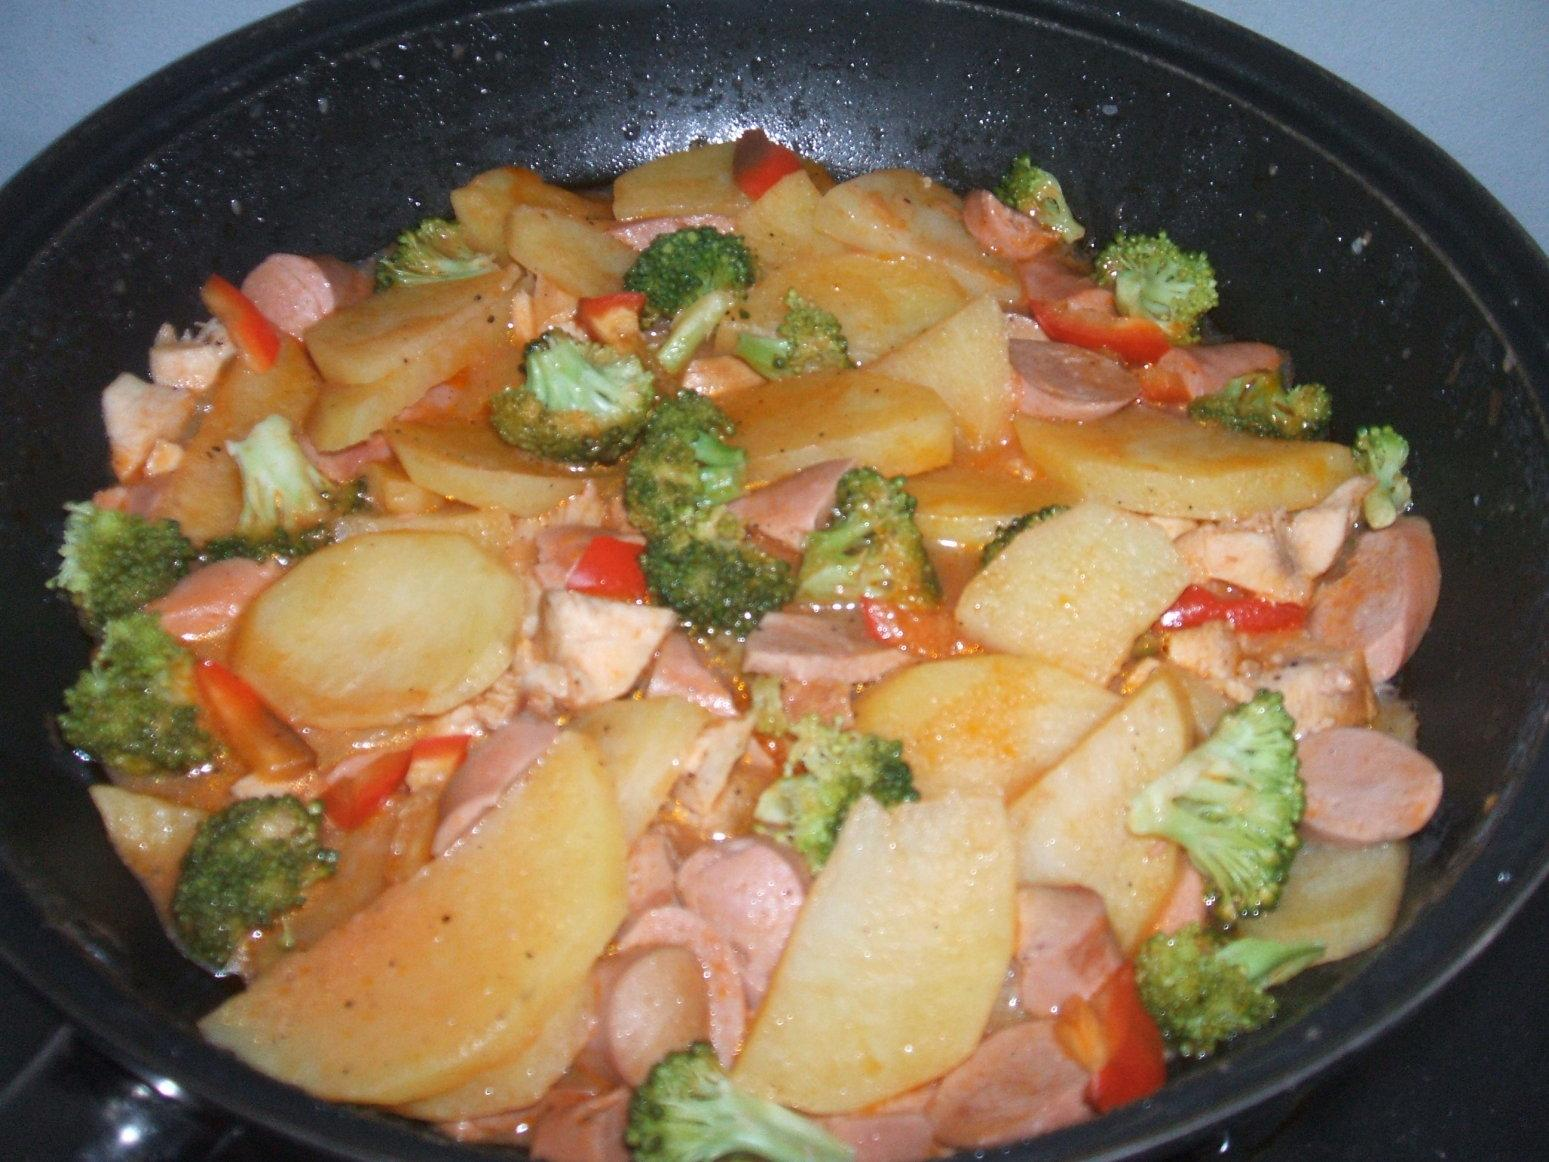 Chicken-Sausage Potato-Broccoli in Skillet Recipe